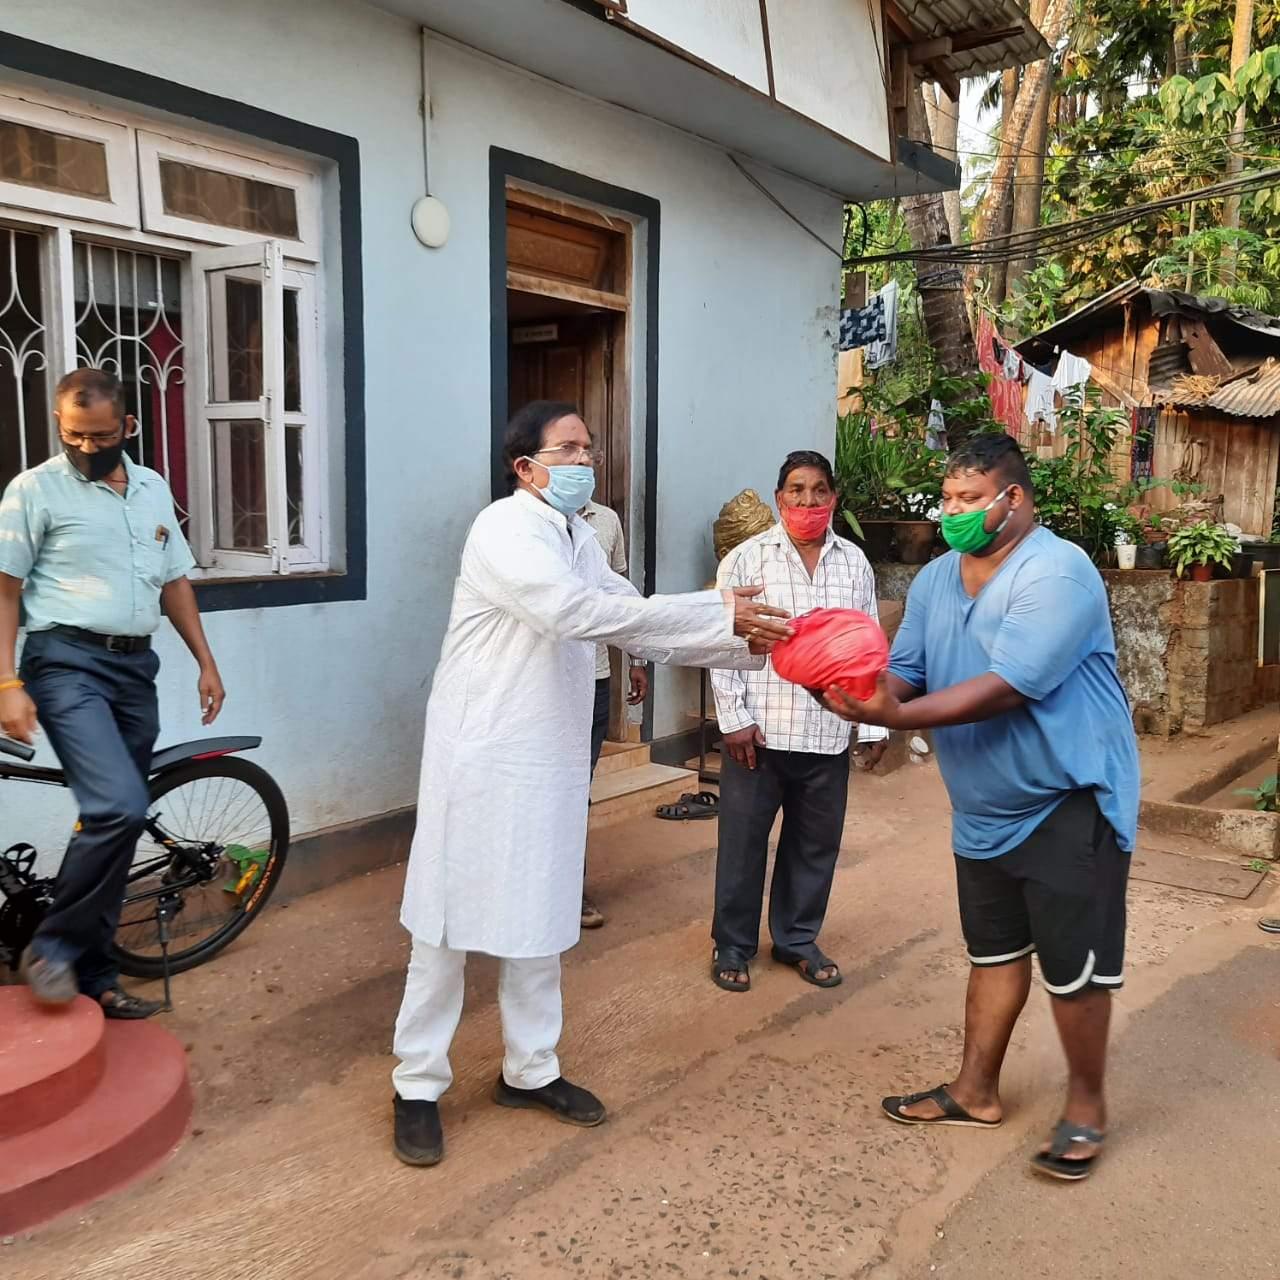 पणजी में मोटरसाइकिल चालकों को आवश्यक सामान वितरित करते आयुष मंत्री